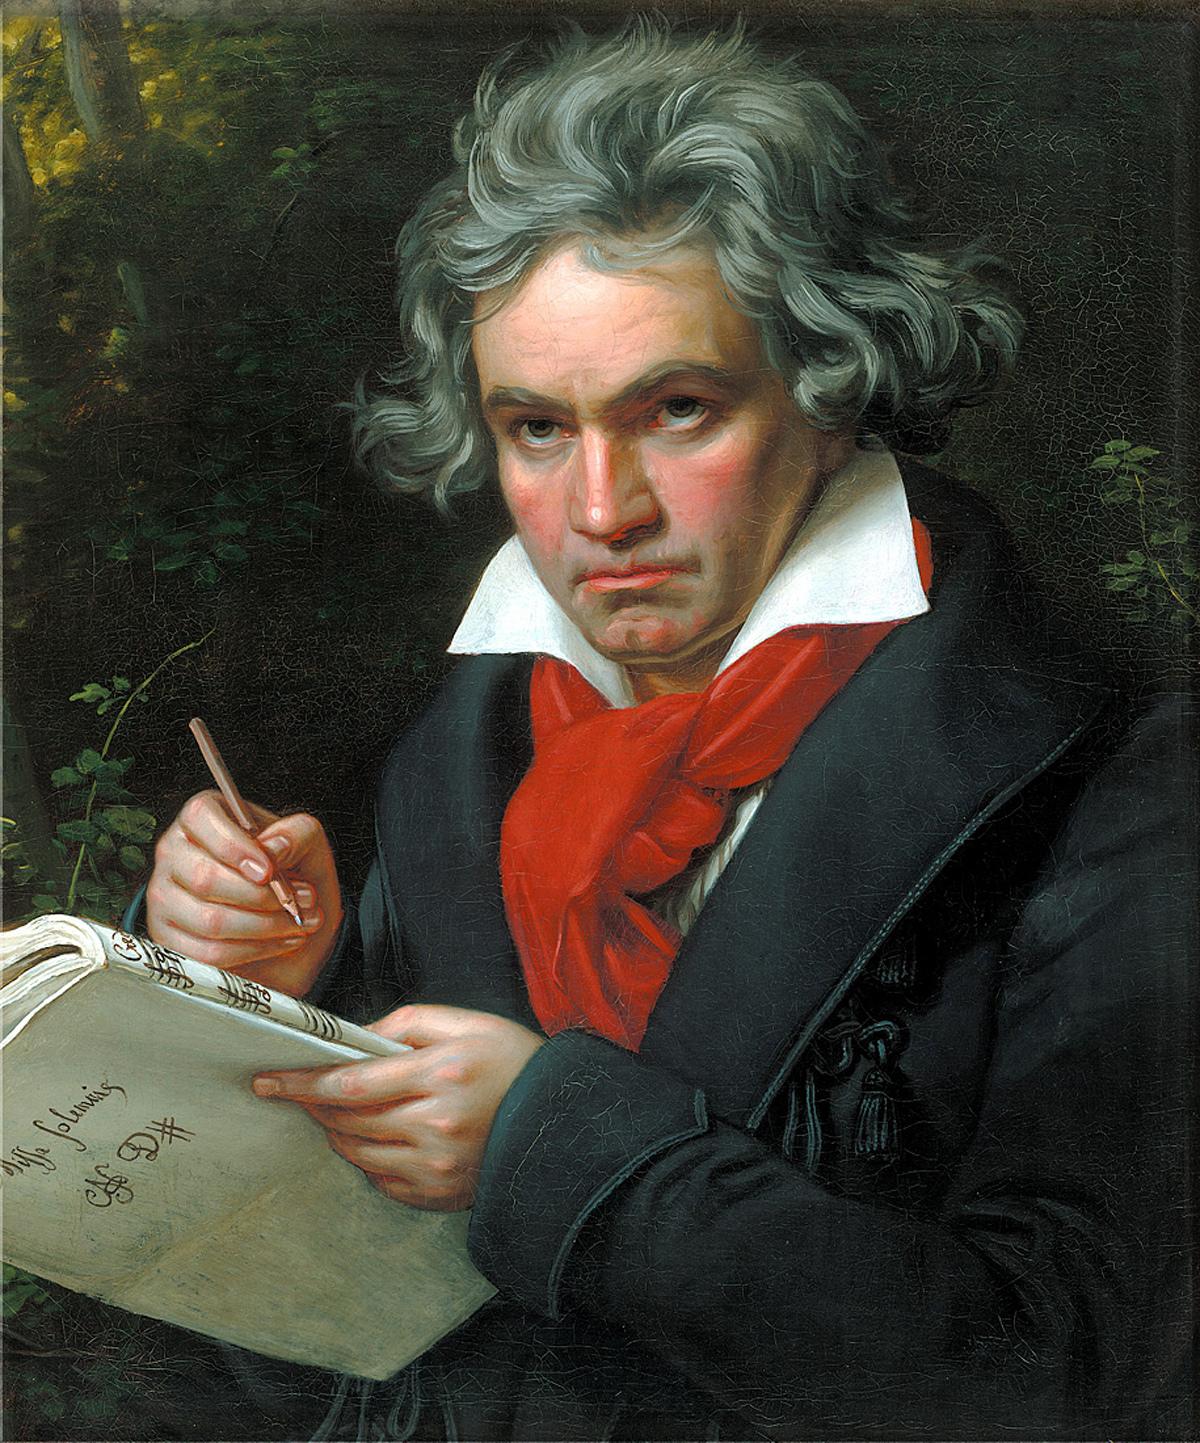 L'invenzione della musica classica